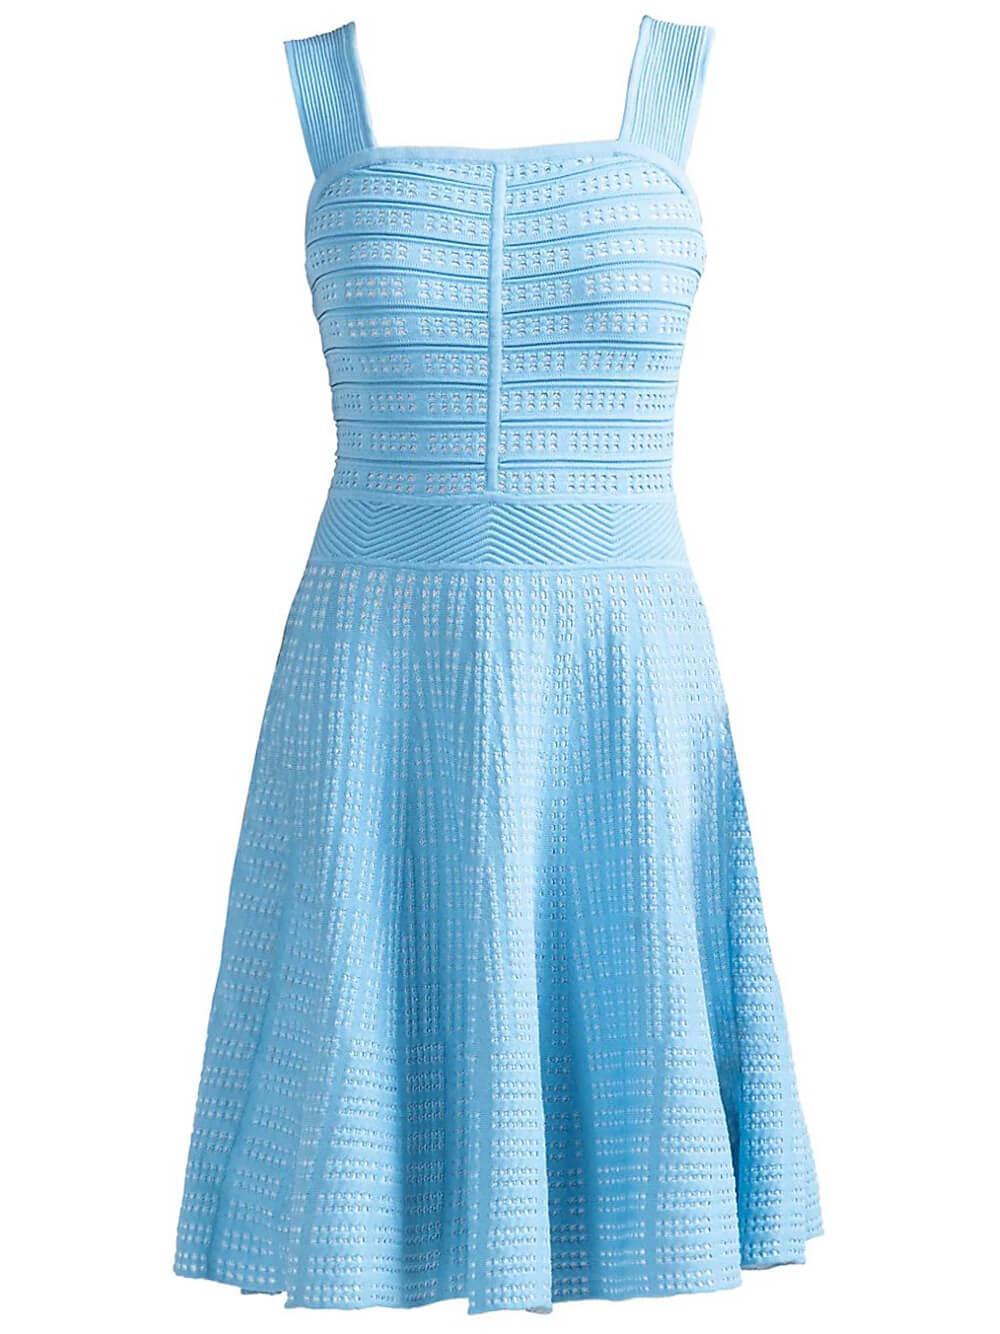 Textured Knit Dress Item # 5994421